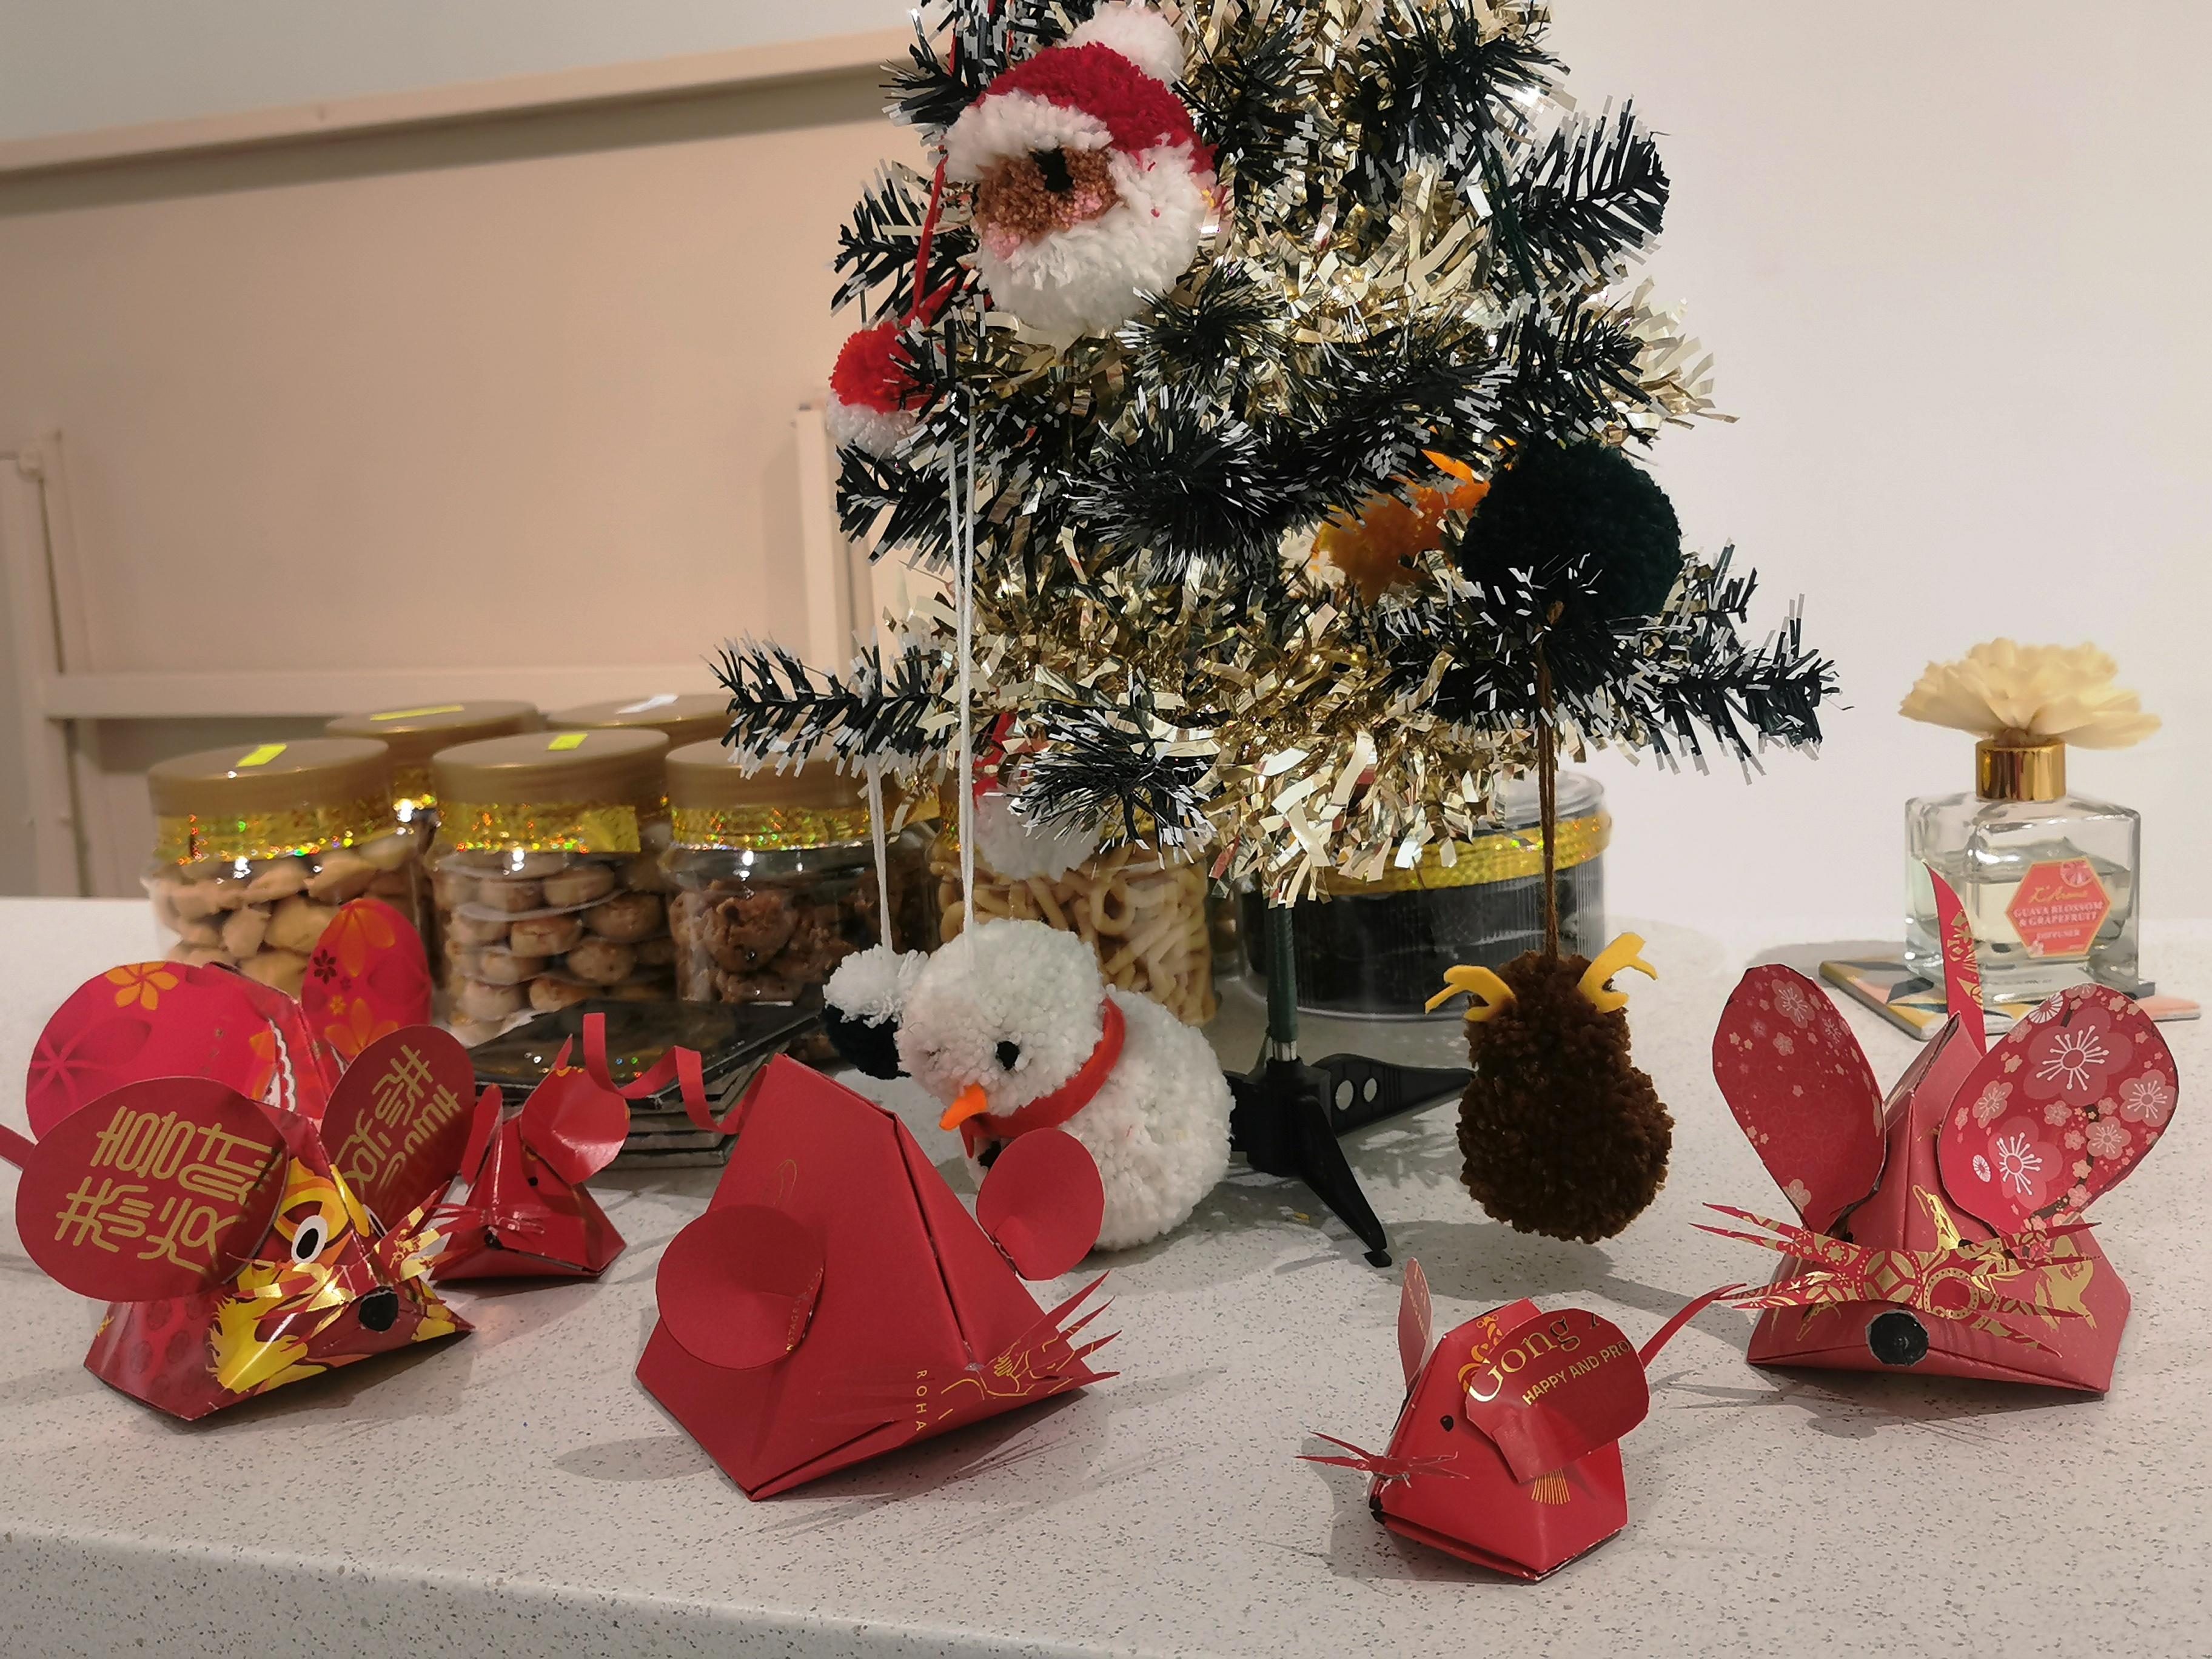 """由于圣诞节和农历新年时间太过接近,出现了手作红包鼠作品和圣诞节戳戳乐作品""""齐聚一堂""""的情况。-杨琇媖摄-"""